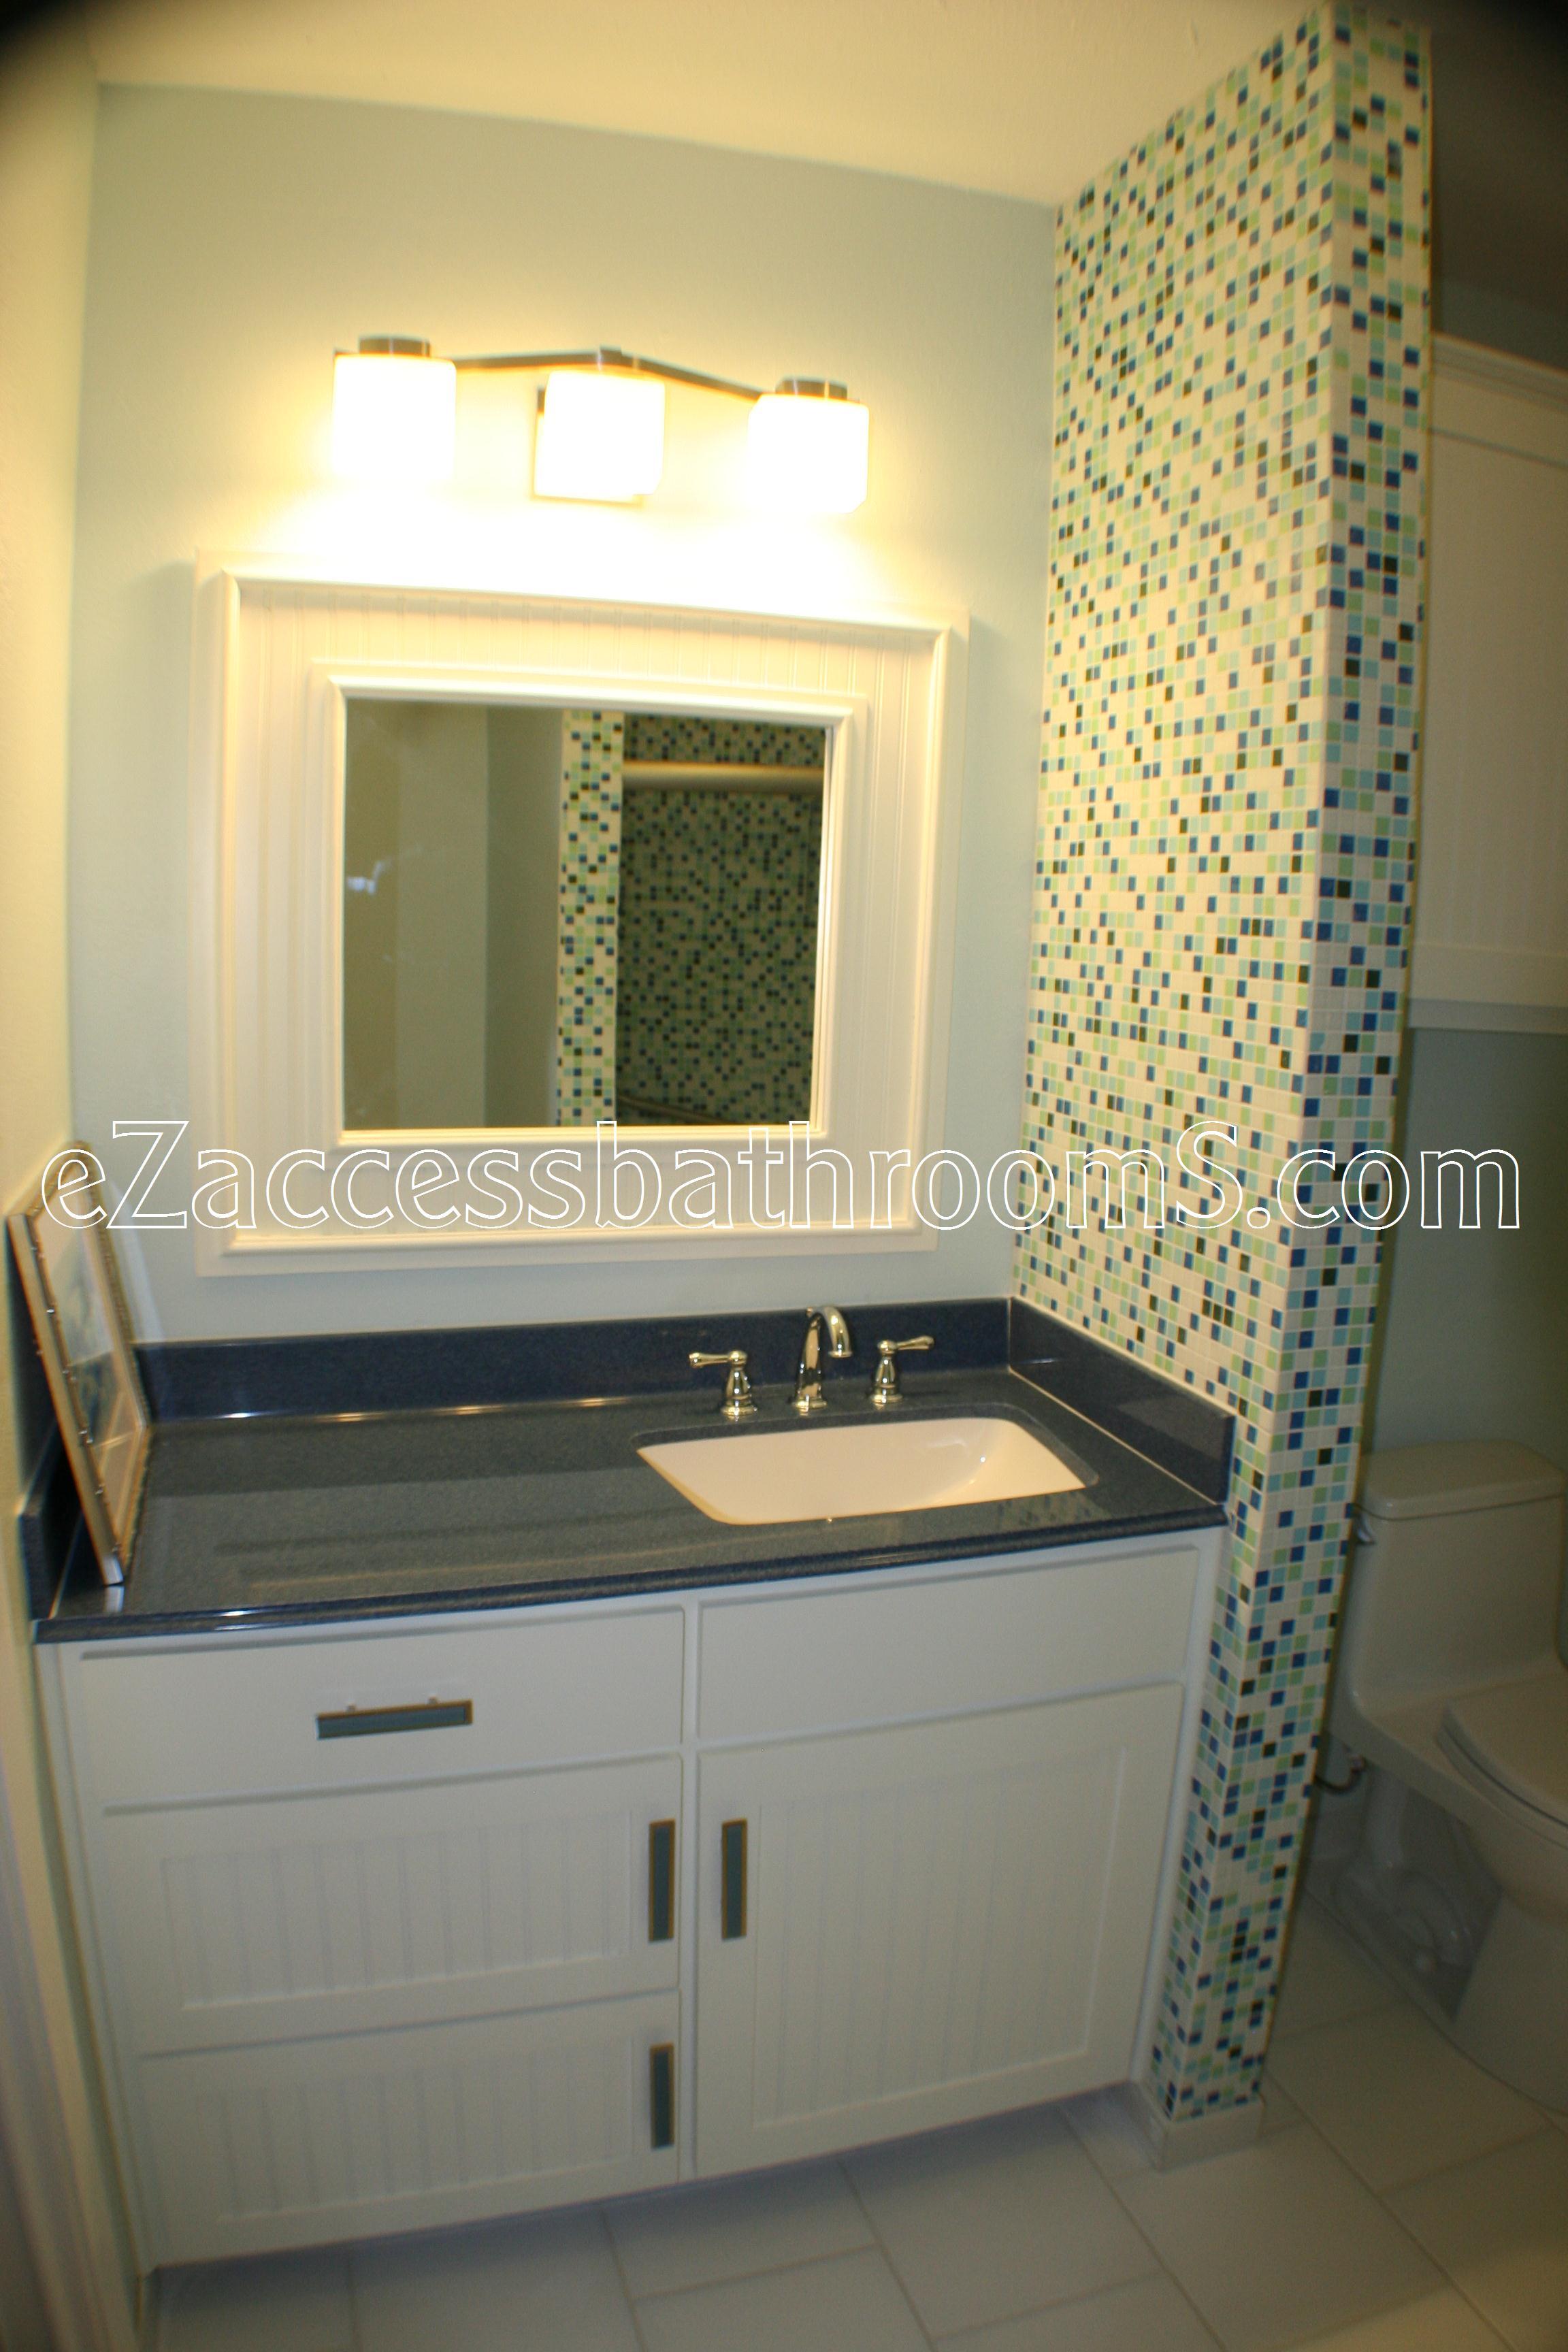 rollin shower ezaccessbathrooms.com 0031.JPG